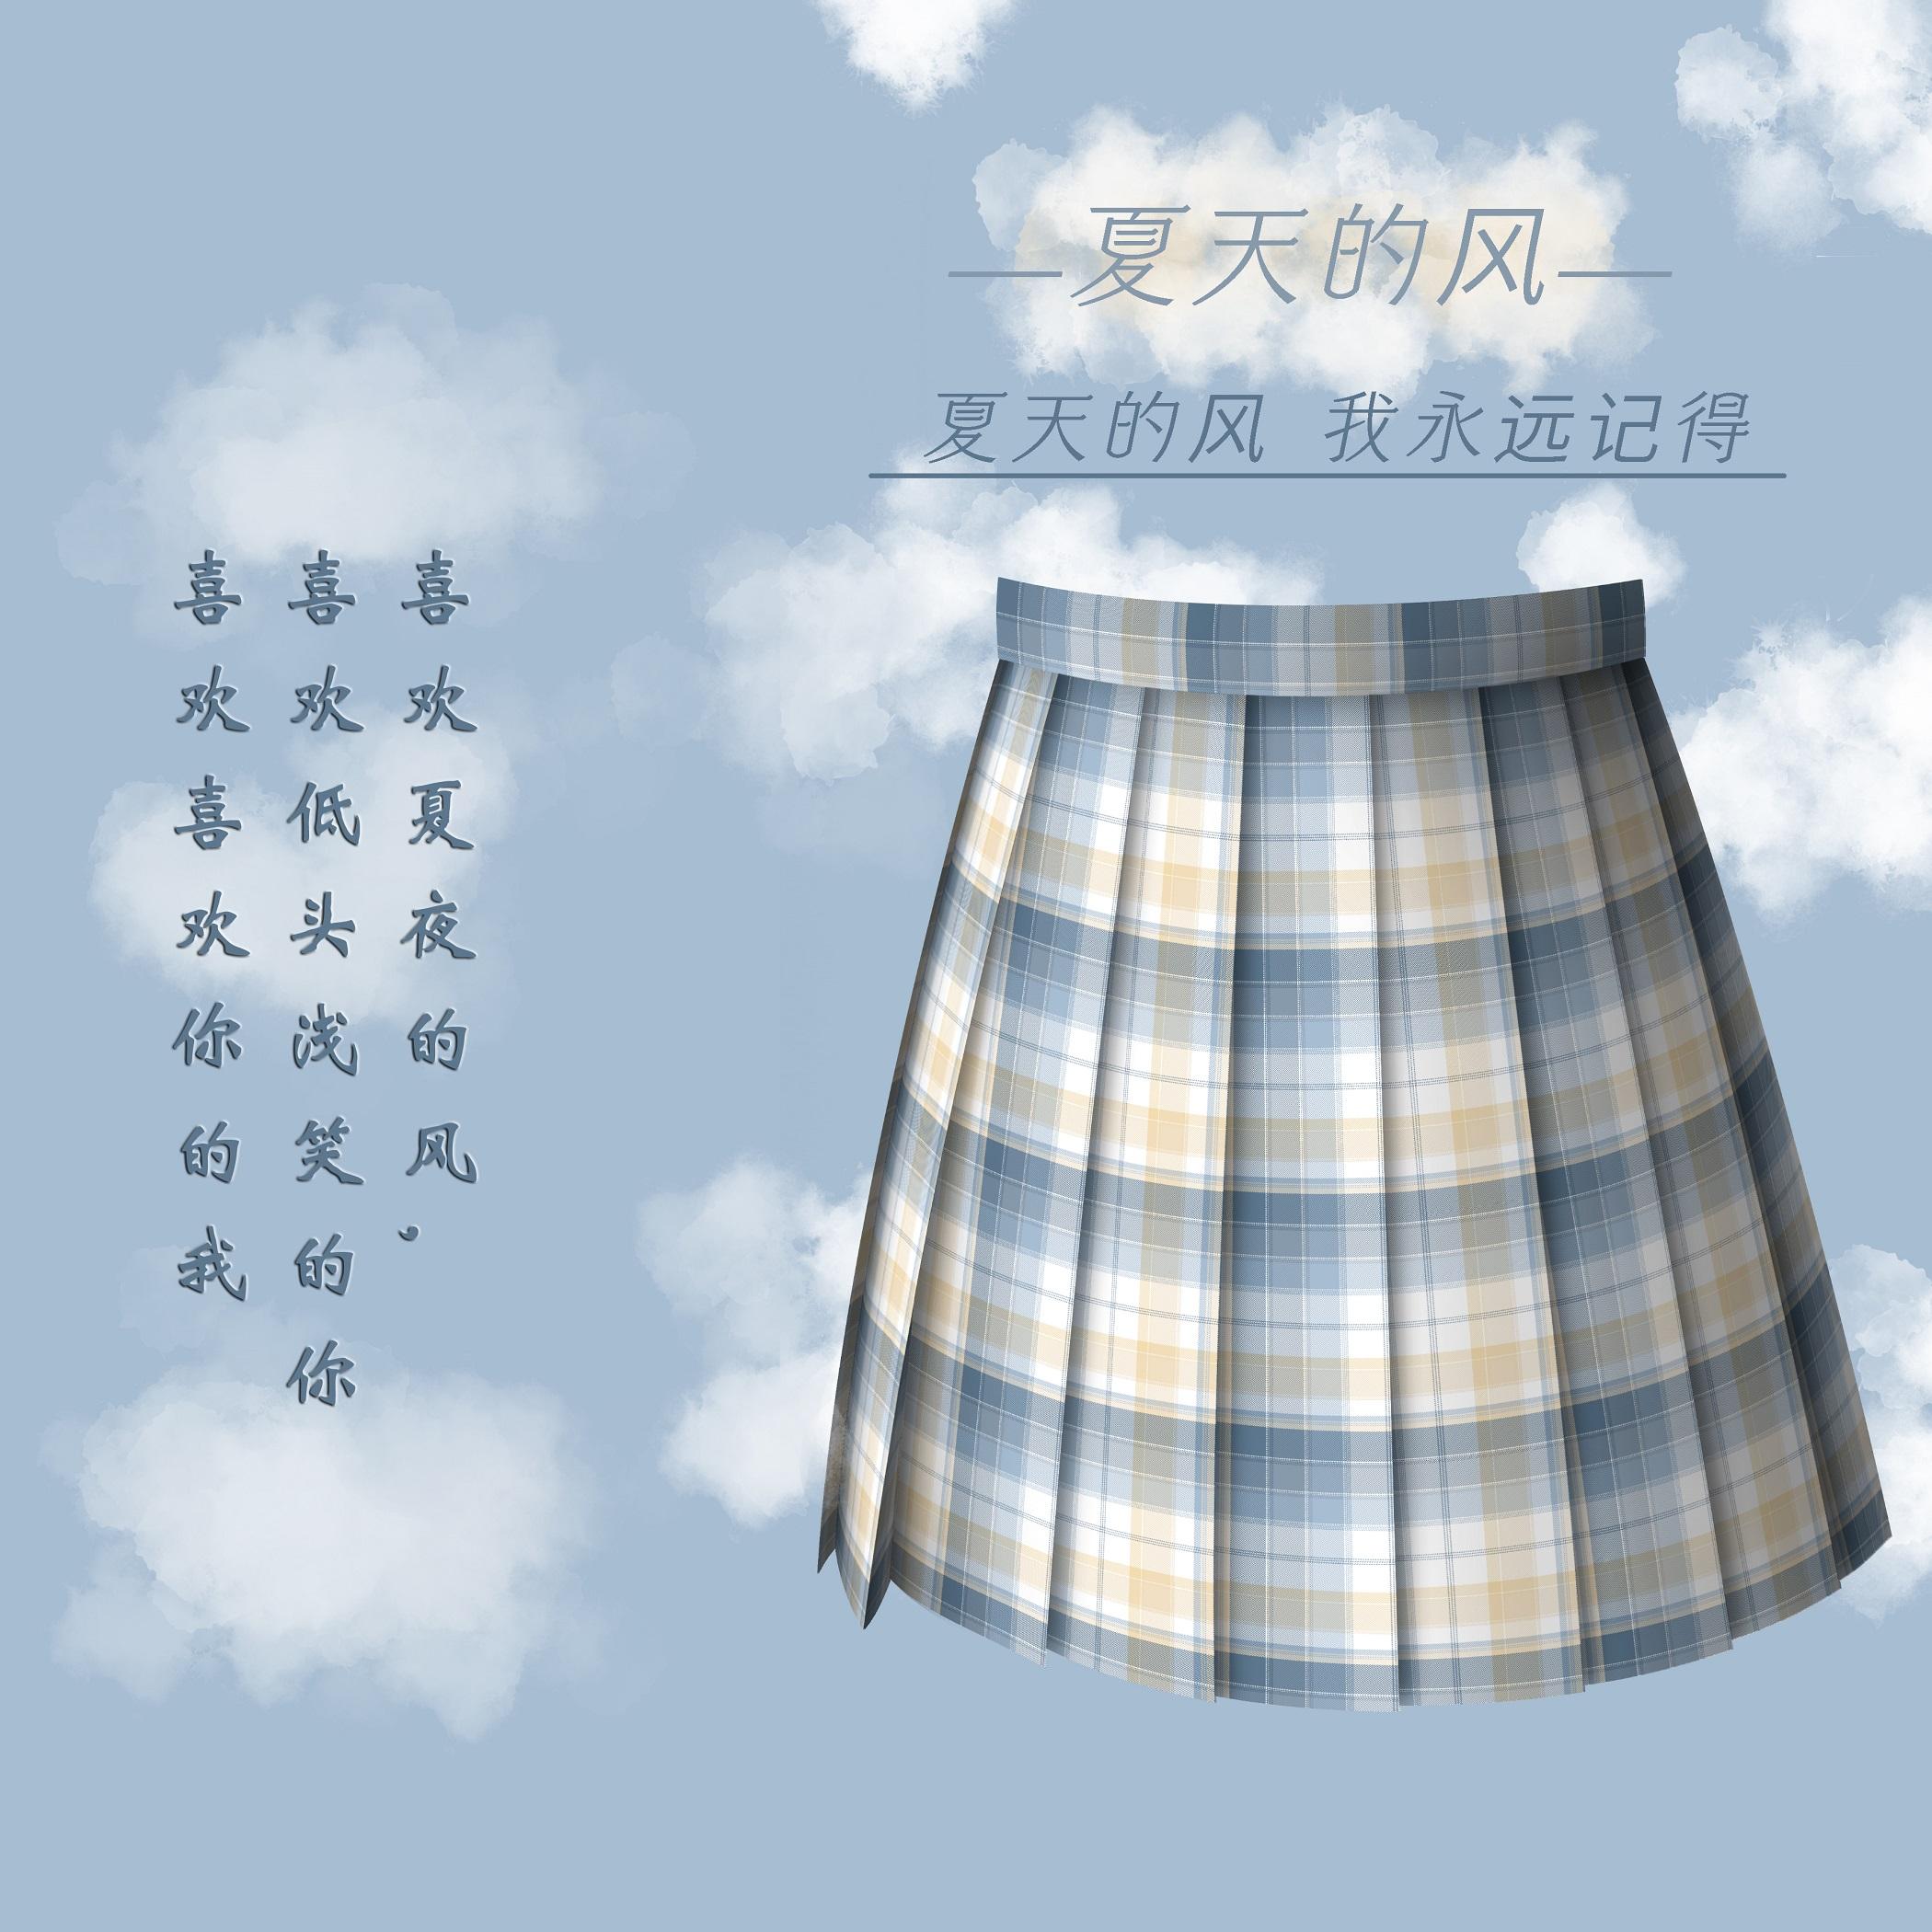 制服裙正版百褶裙格裙学院风裙子 JK 风格格裙原创 夏天 摘星楼